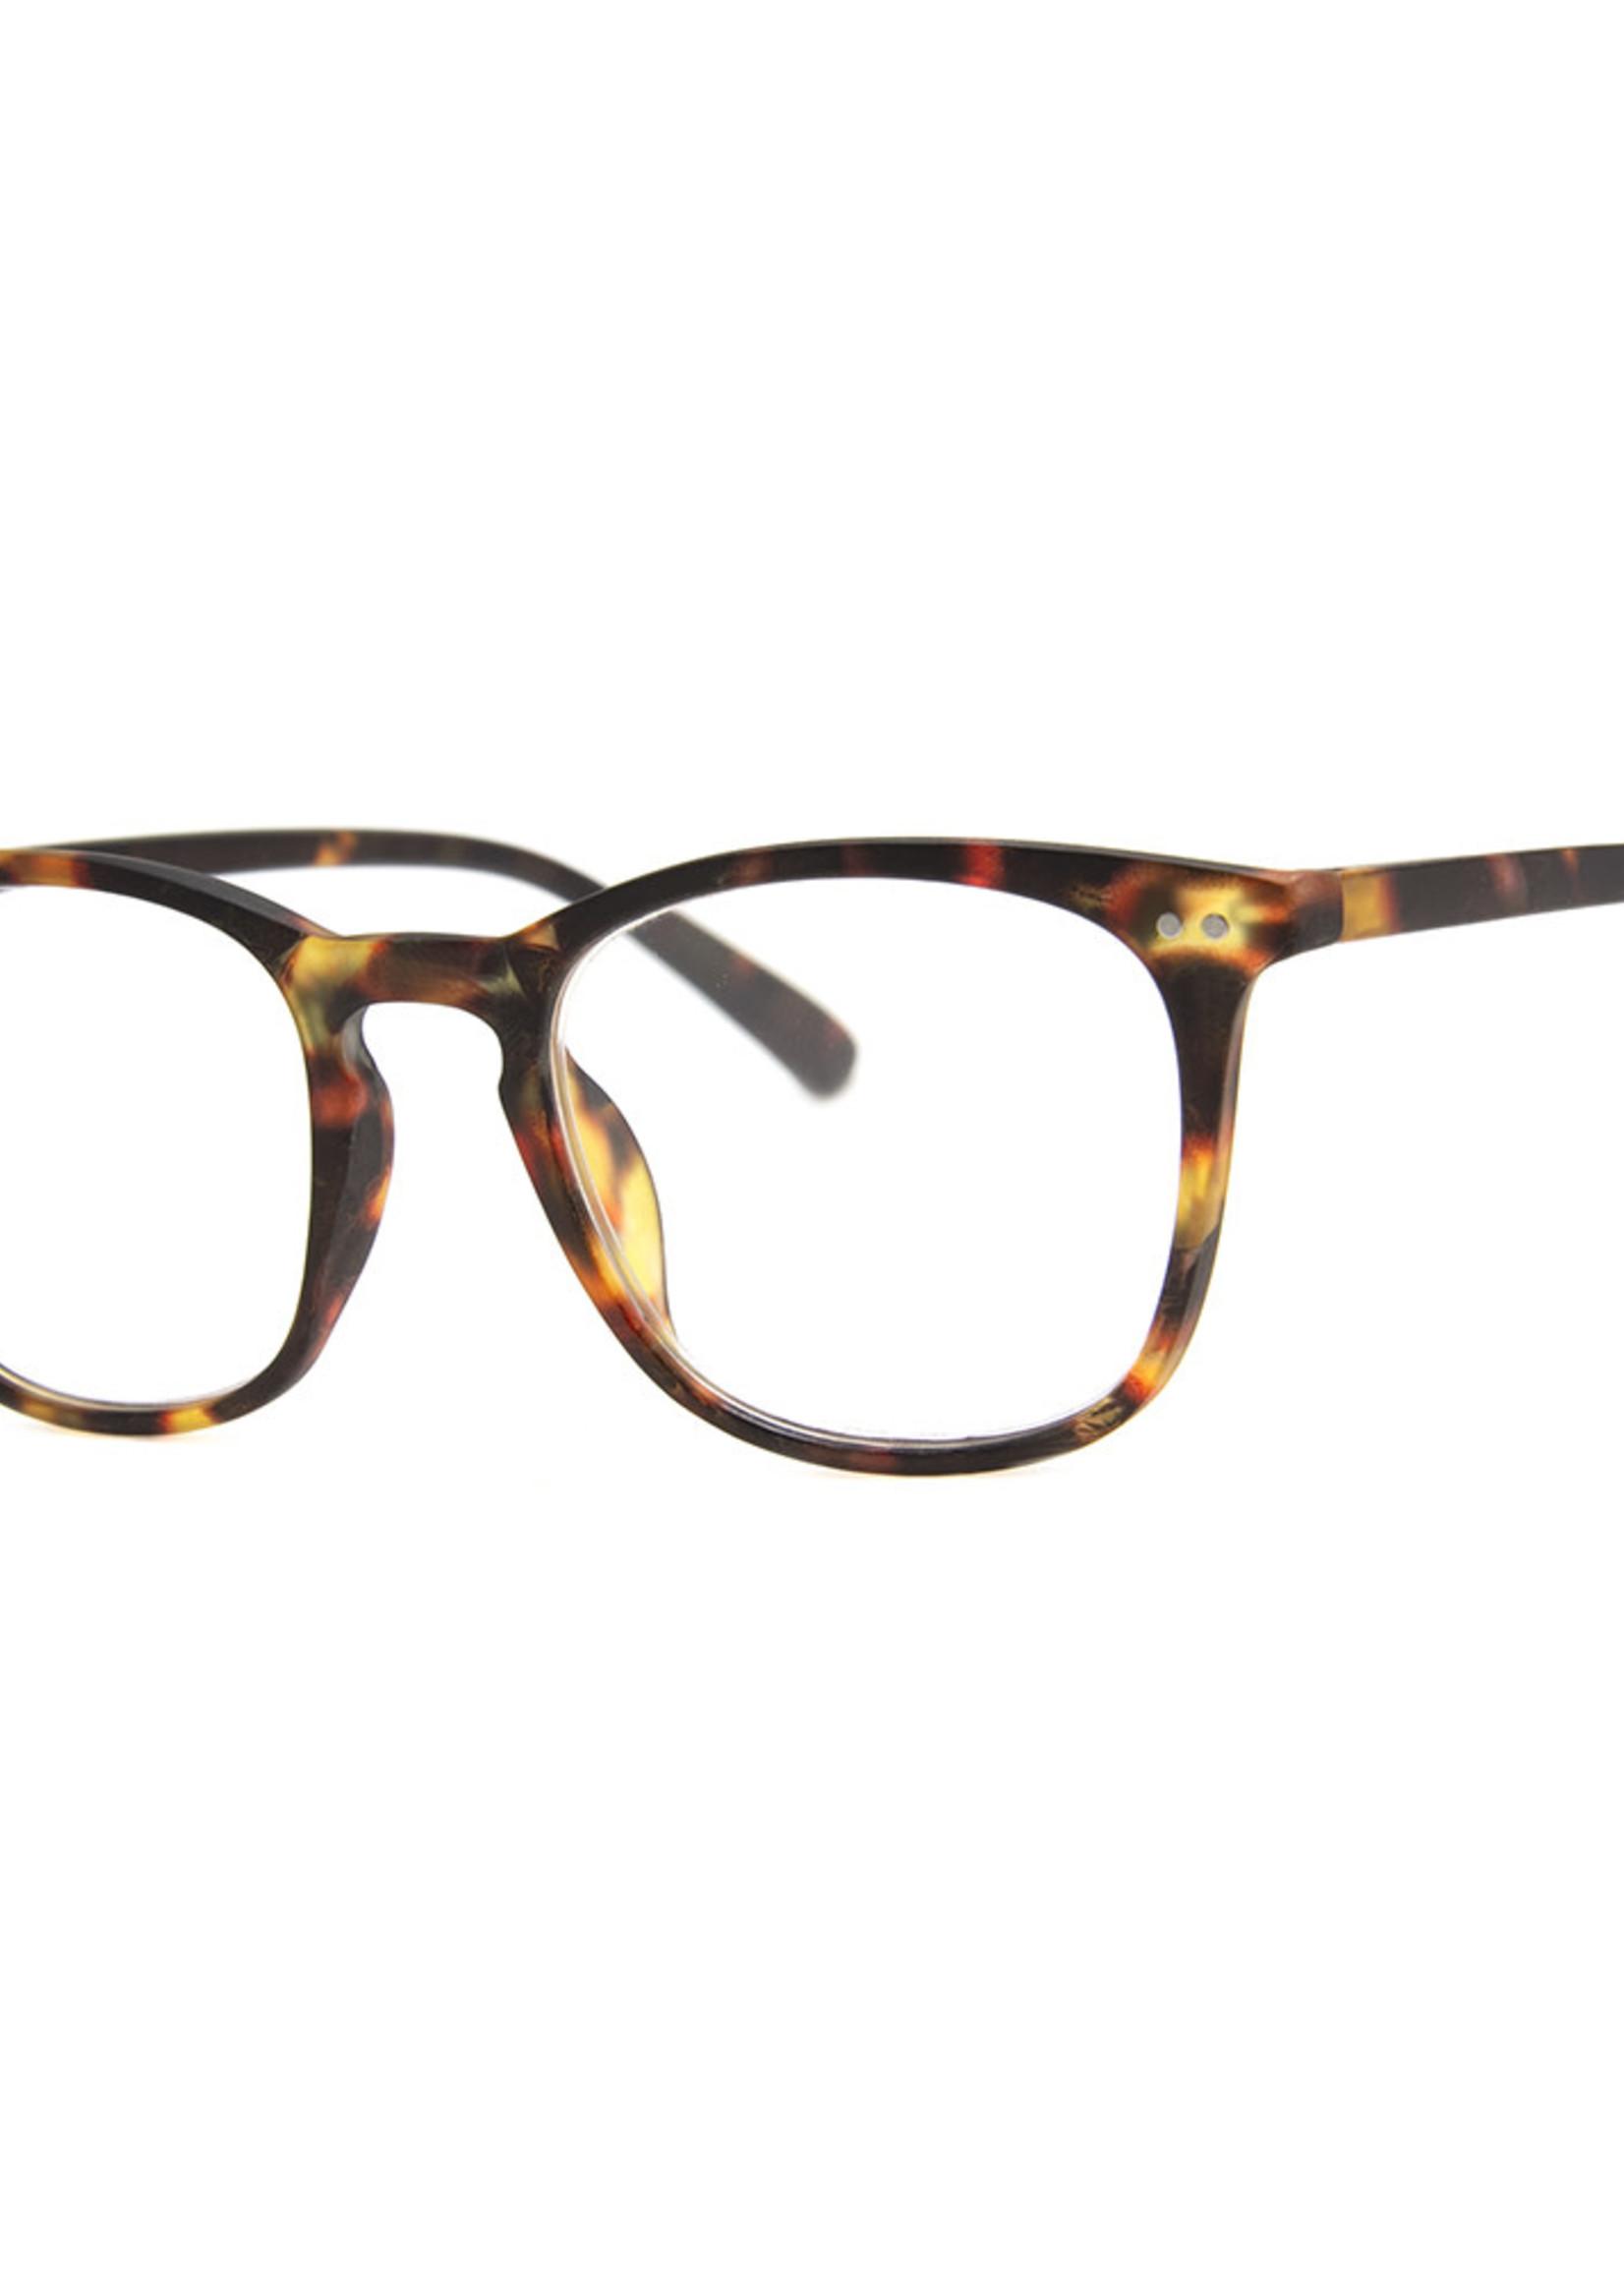 A.J. Morgan Reader Glasses Low Key